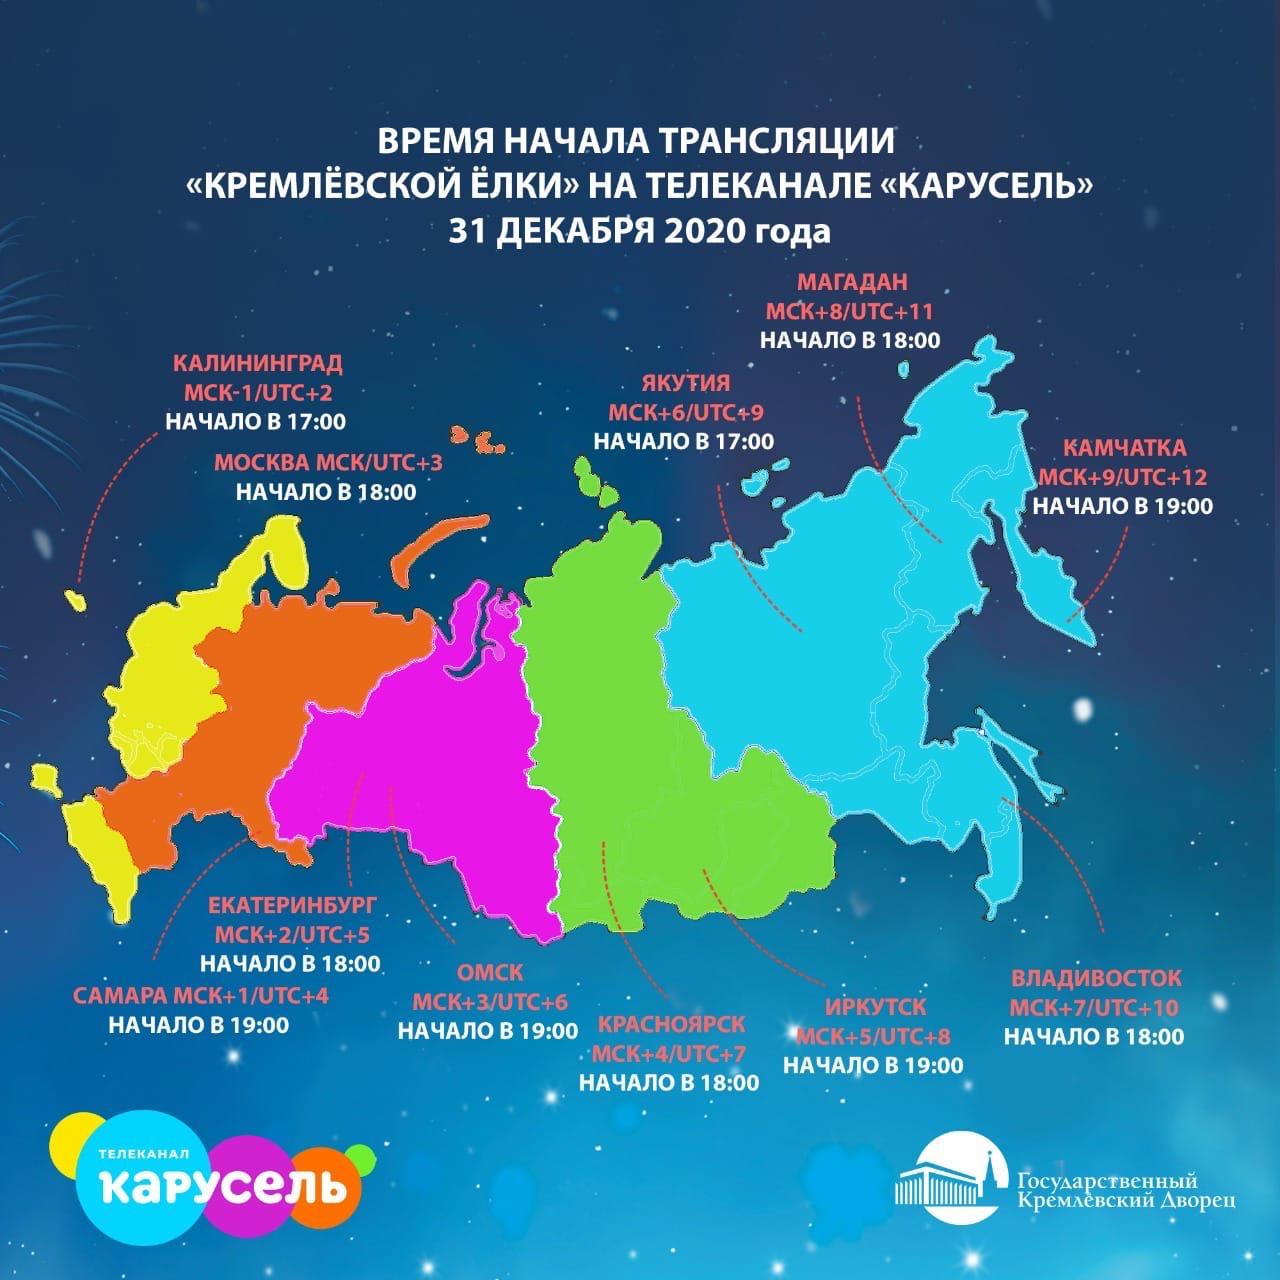 Жители Тверской области смогут попасть на новогоднюю ёлку в Кремлевском Дворце